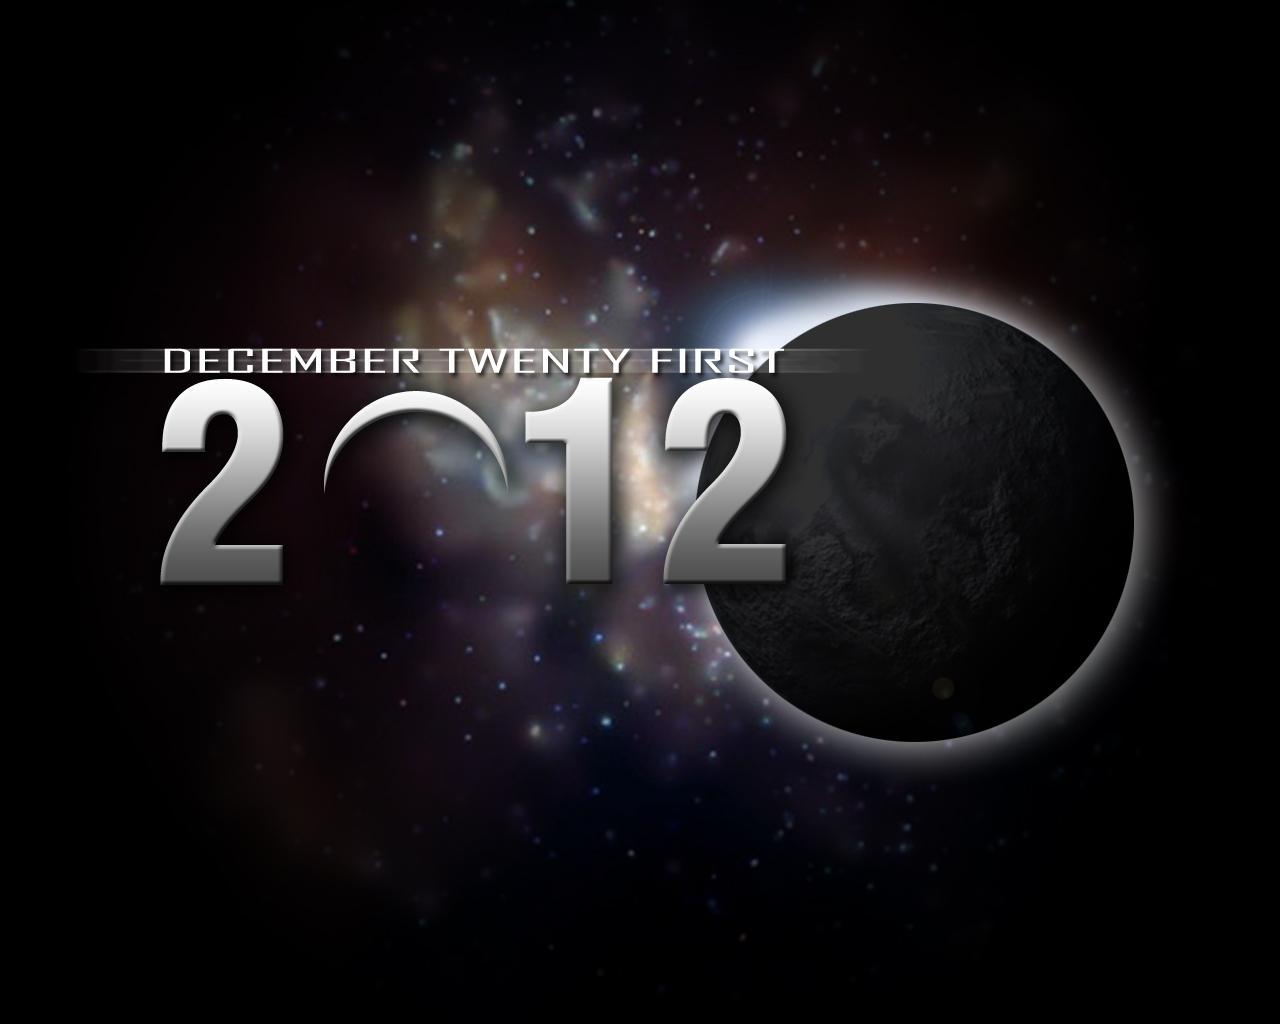 celebrity astrologer neil d paris  december 21  2012